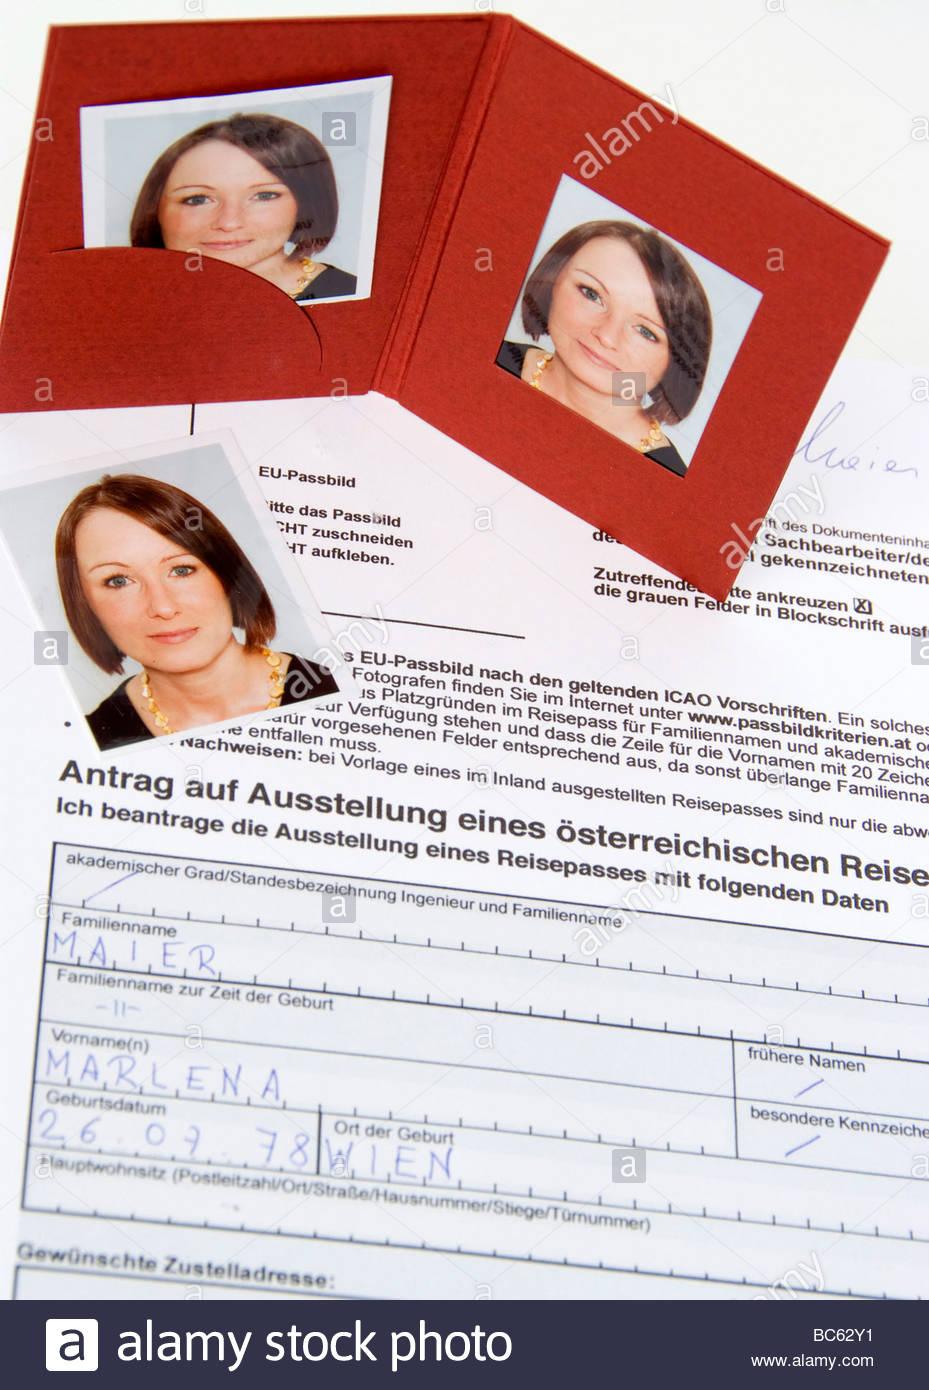 Fantastisch Uns Passbild Vorlage Ideen - Entry Level Resume Vorlagen ...